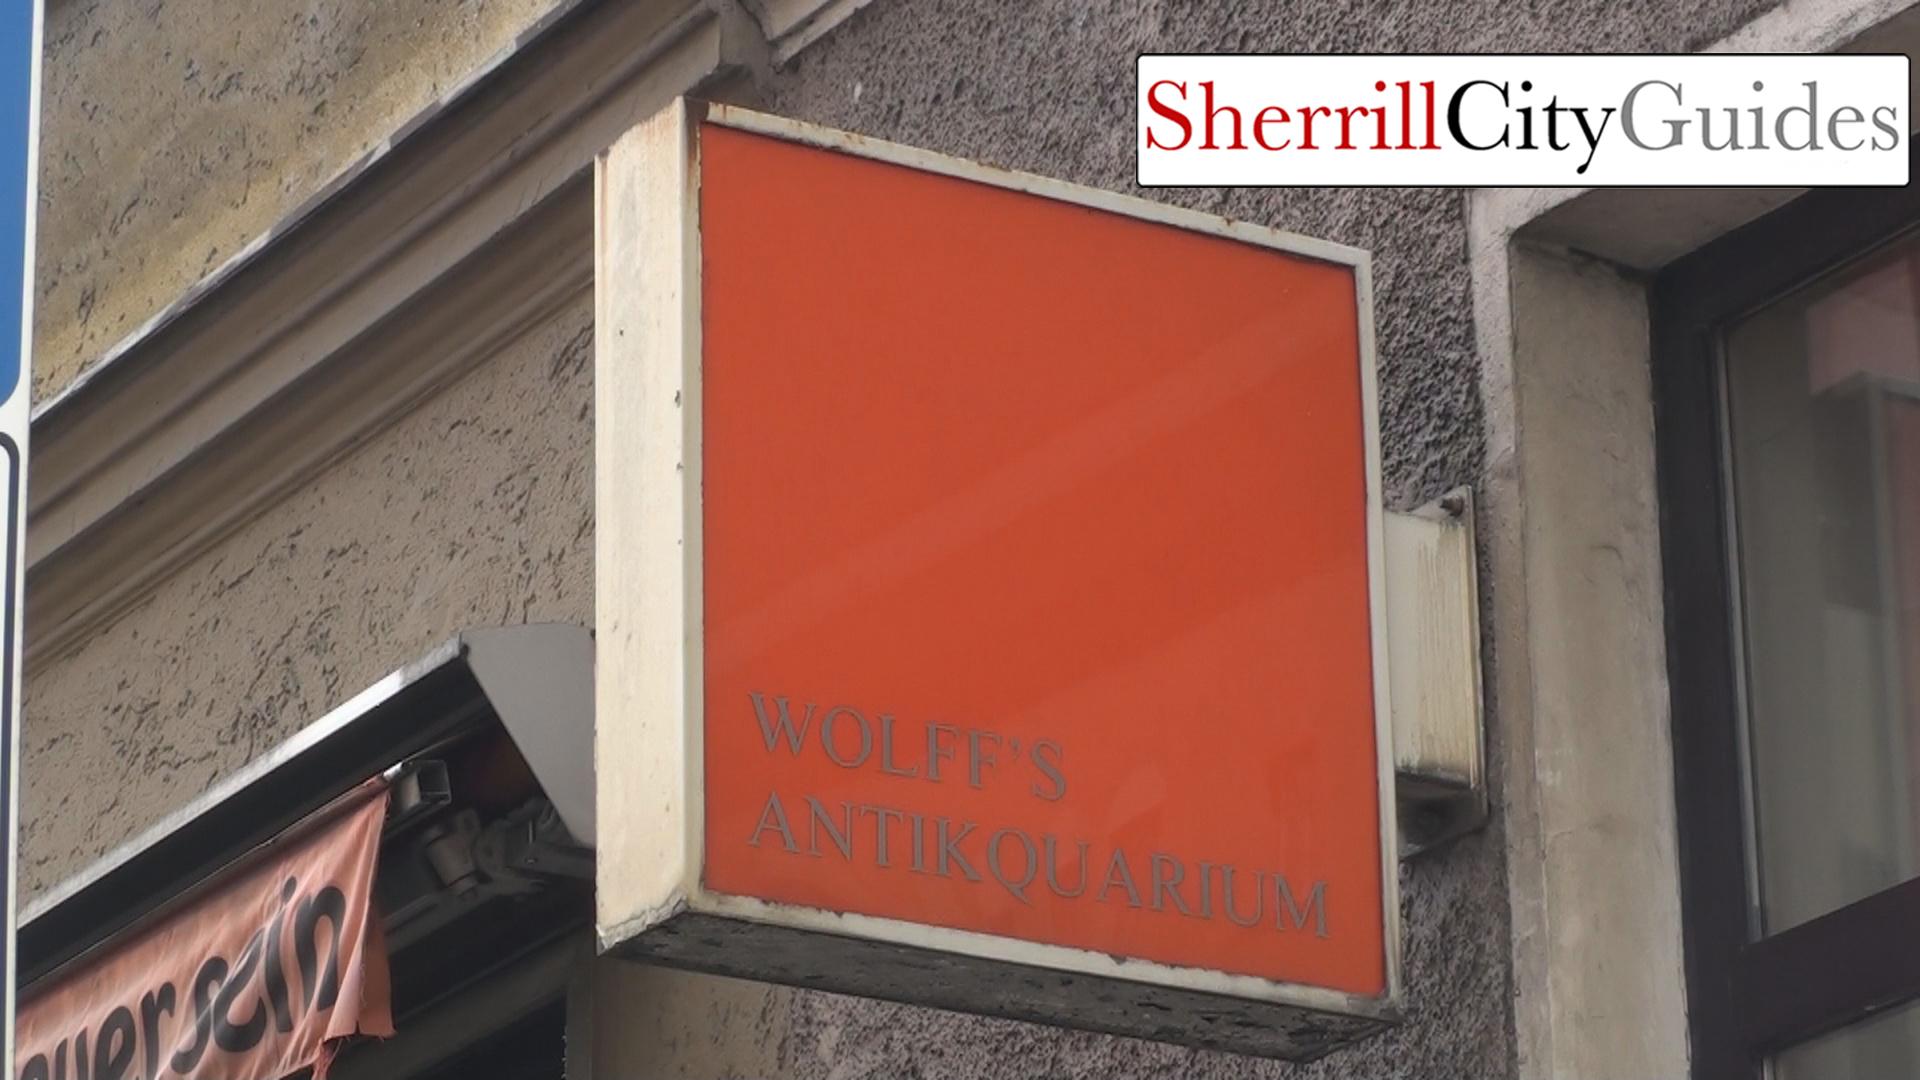 Wolff's Antikquarium